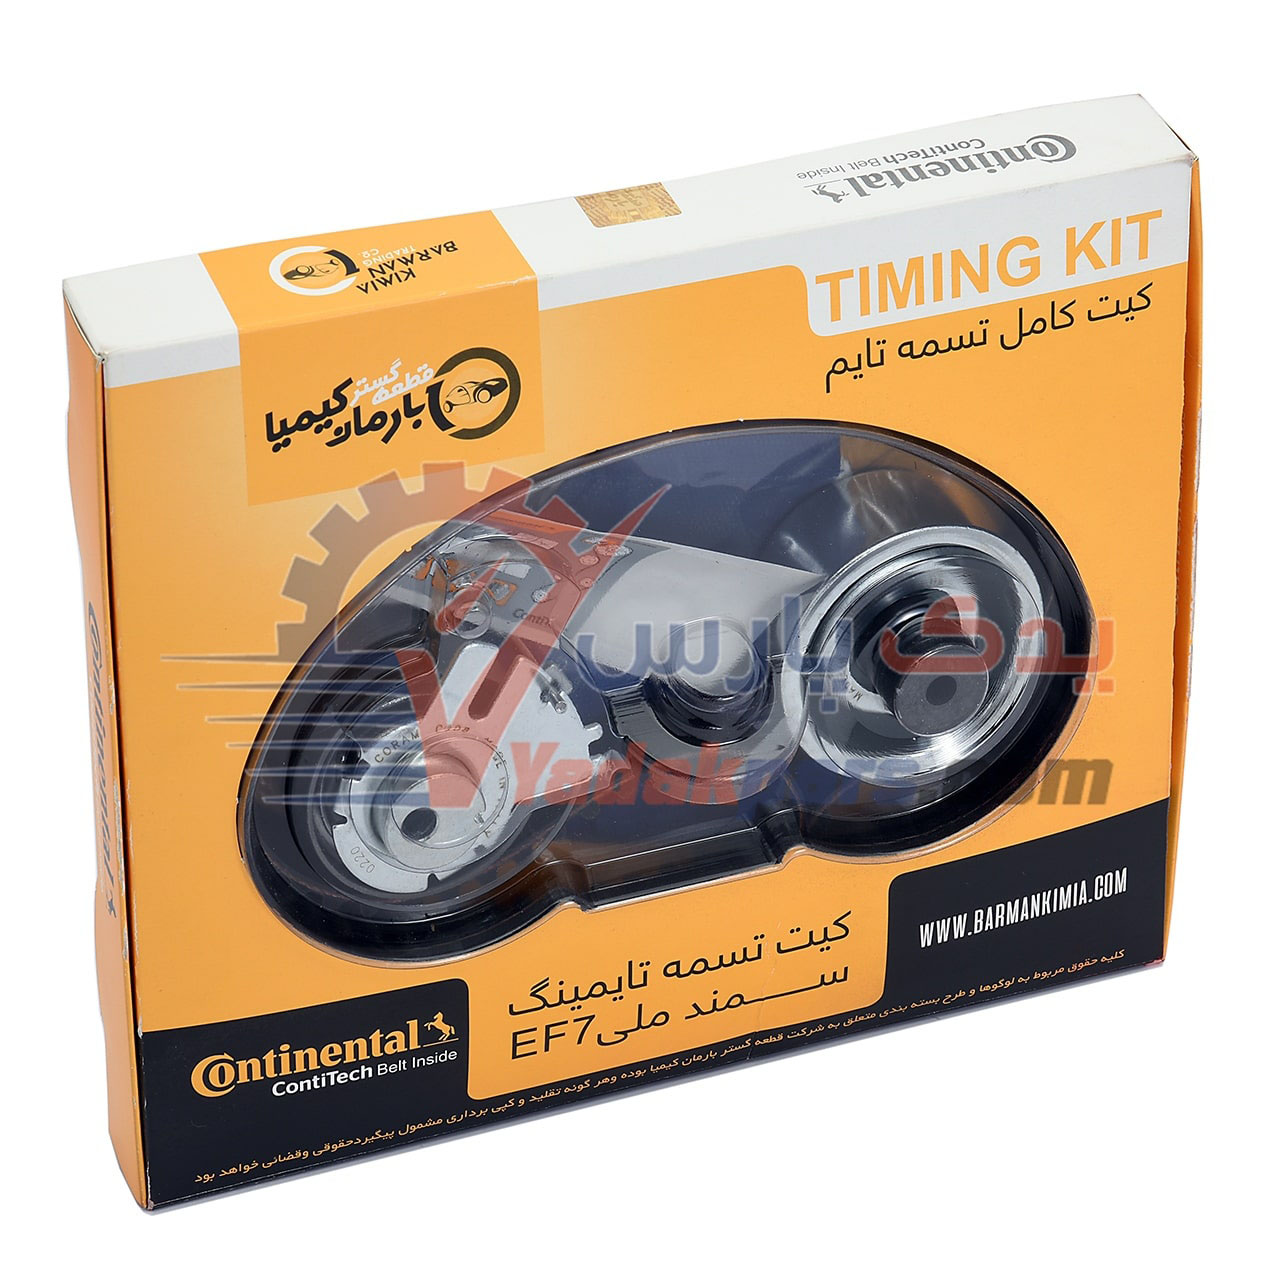 تصویر کیت کامل تسمه تایم سمندملی/دنا برند کنتیننتال (اصلی) Continental Timing Belt Kit CT804 127Z SAMAND EF7 Engineered in GERMANY